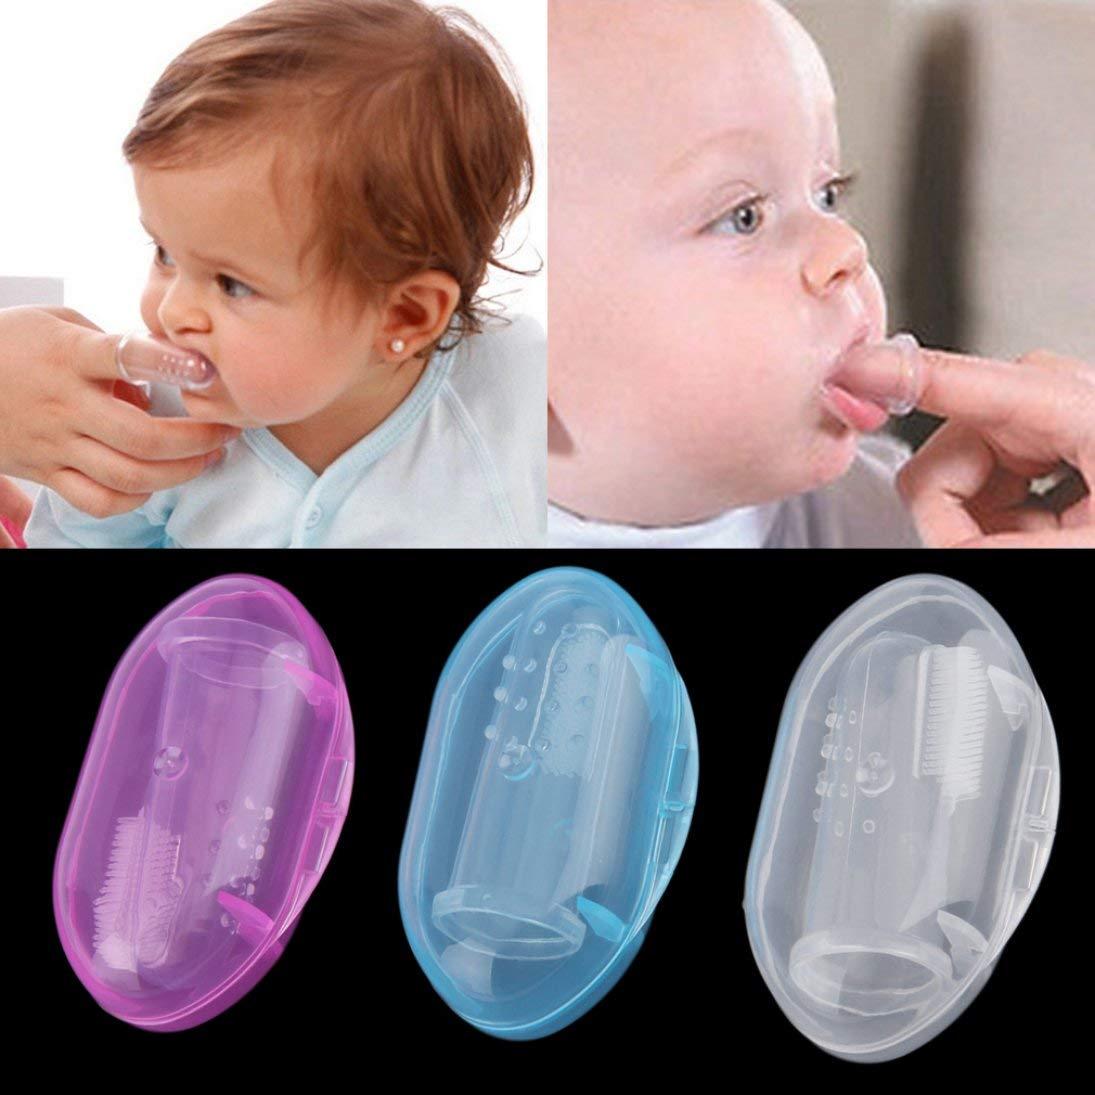 Utile Sain Enfants Massager Brosse Doux Silicone Doigt Brosse /À Dents Portable B/éb/é Dents Masseur Avec Bo/îte B/éb/é Fournitures ToGames-FR